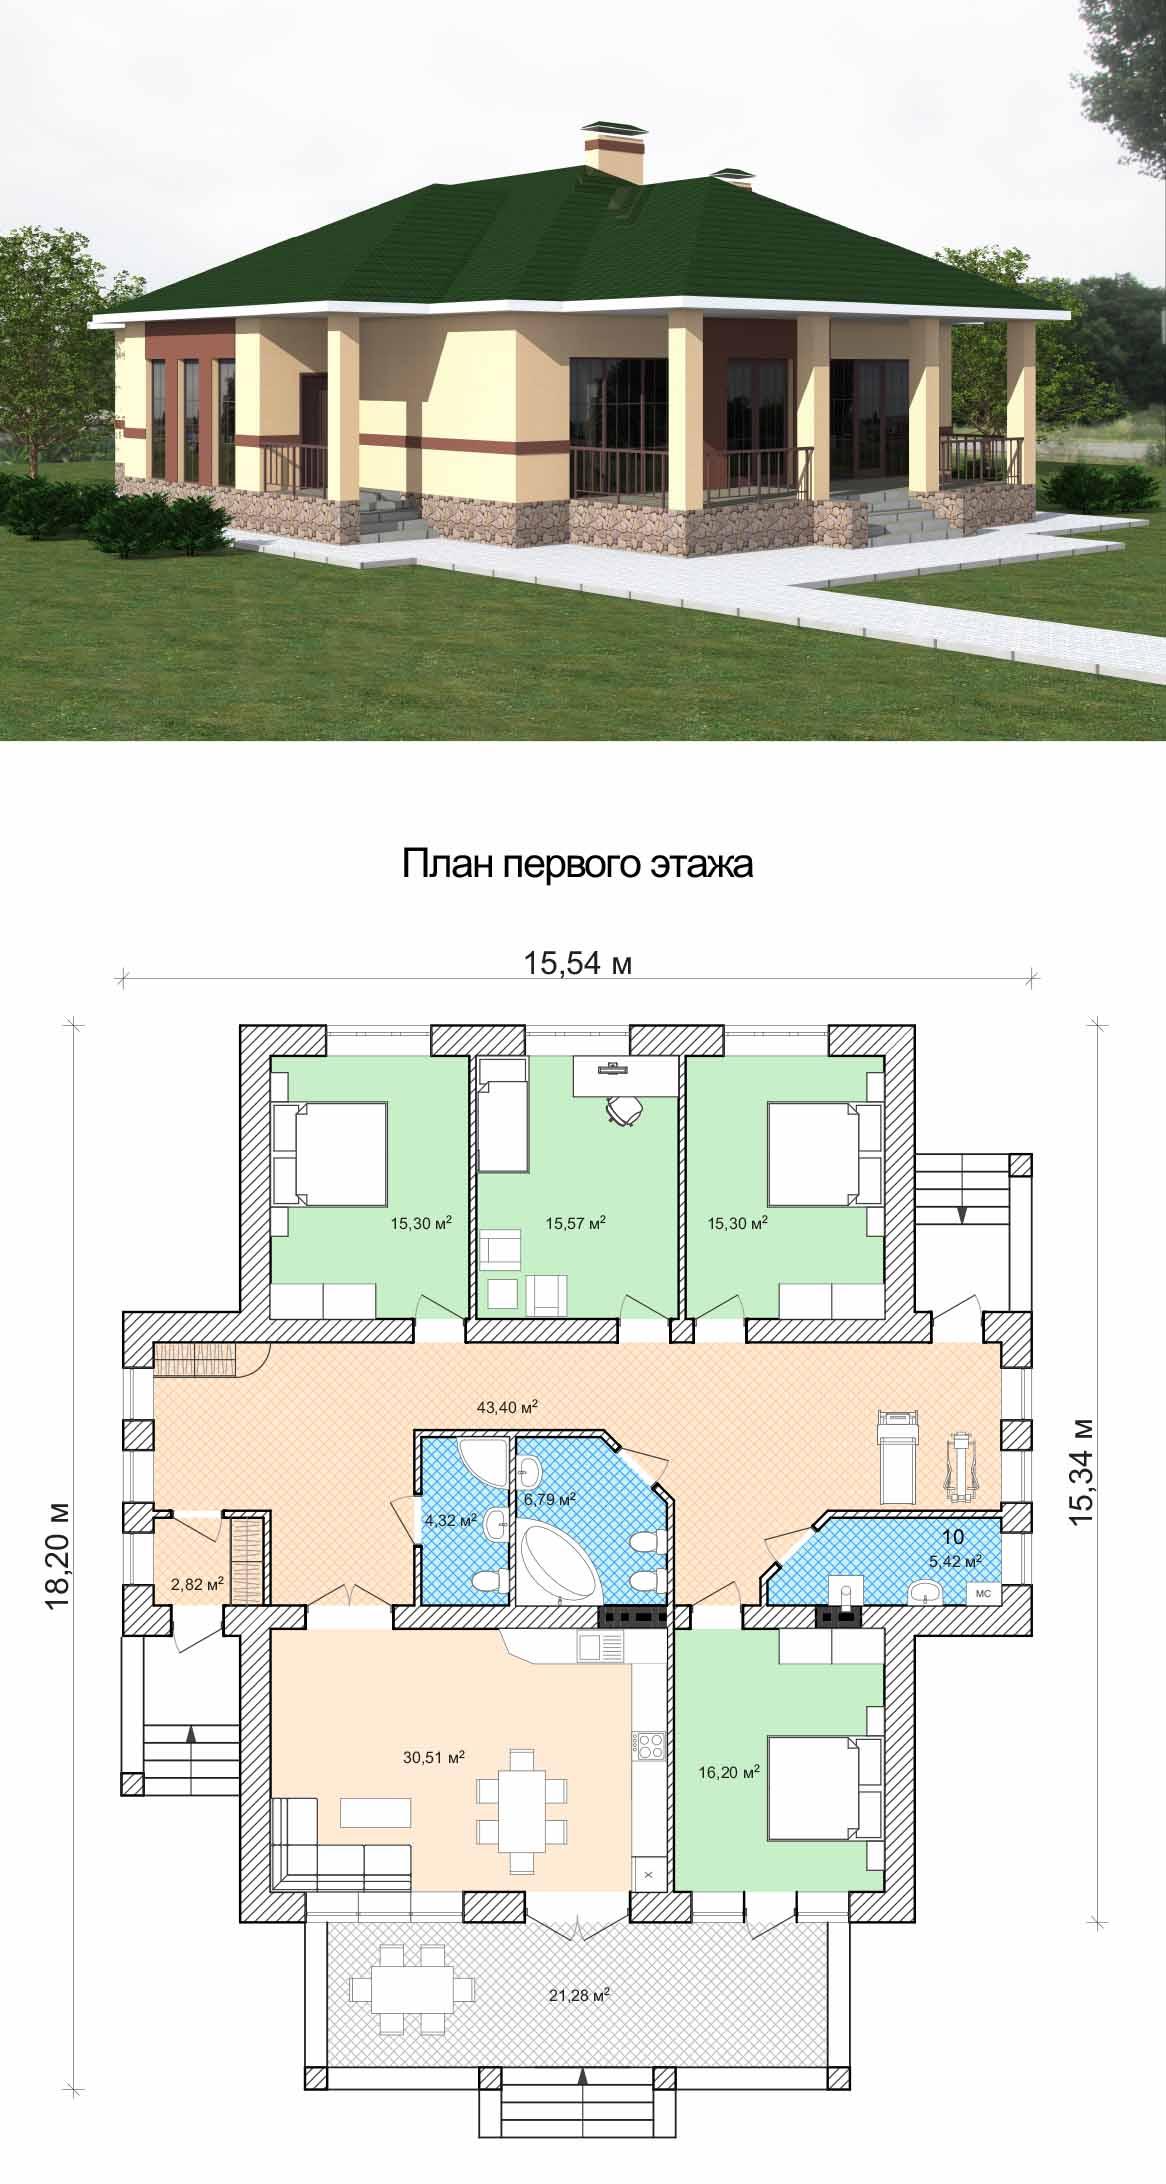 Проект одноэтажного дома с уютной террасой